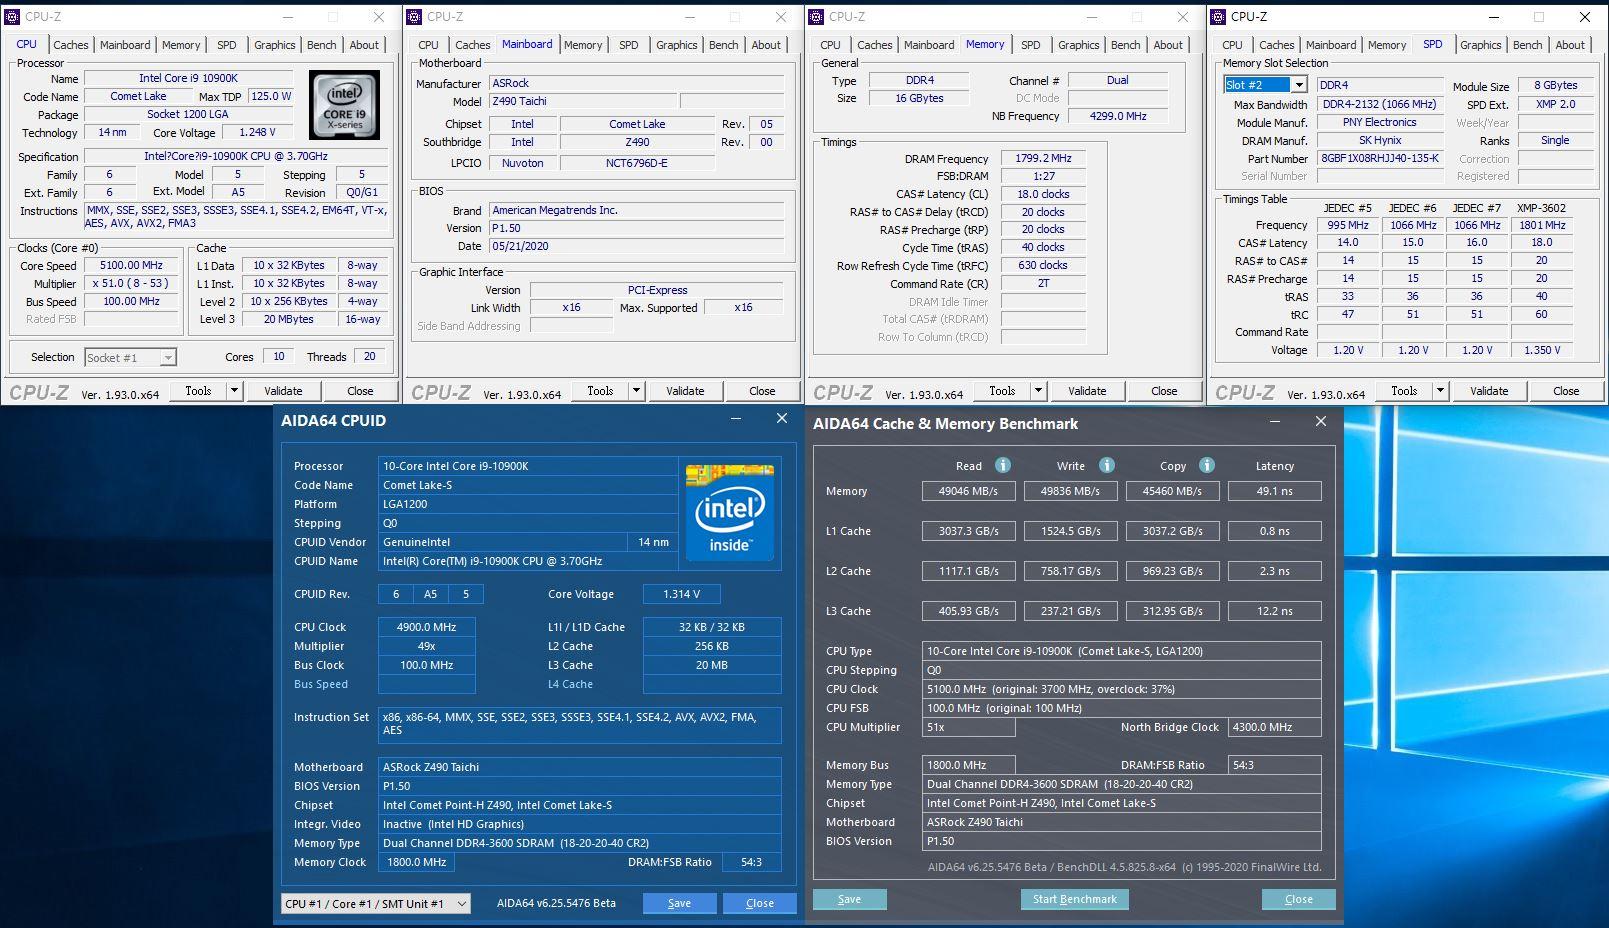 必恩威PNY XLR8 DDR4-3600MHz RGB超頻記憶體-視覺燈效絢麗,更帶來高頻率優質效能與超頻表現